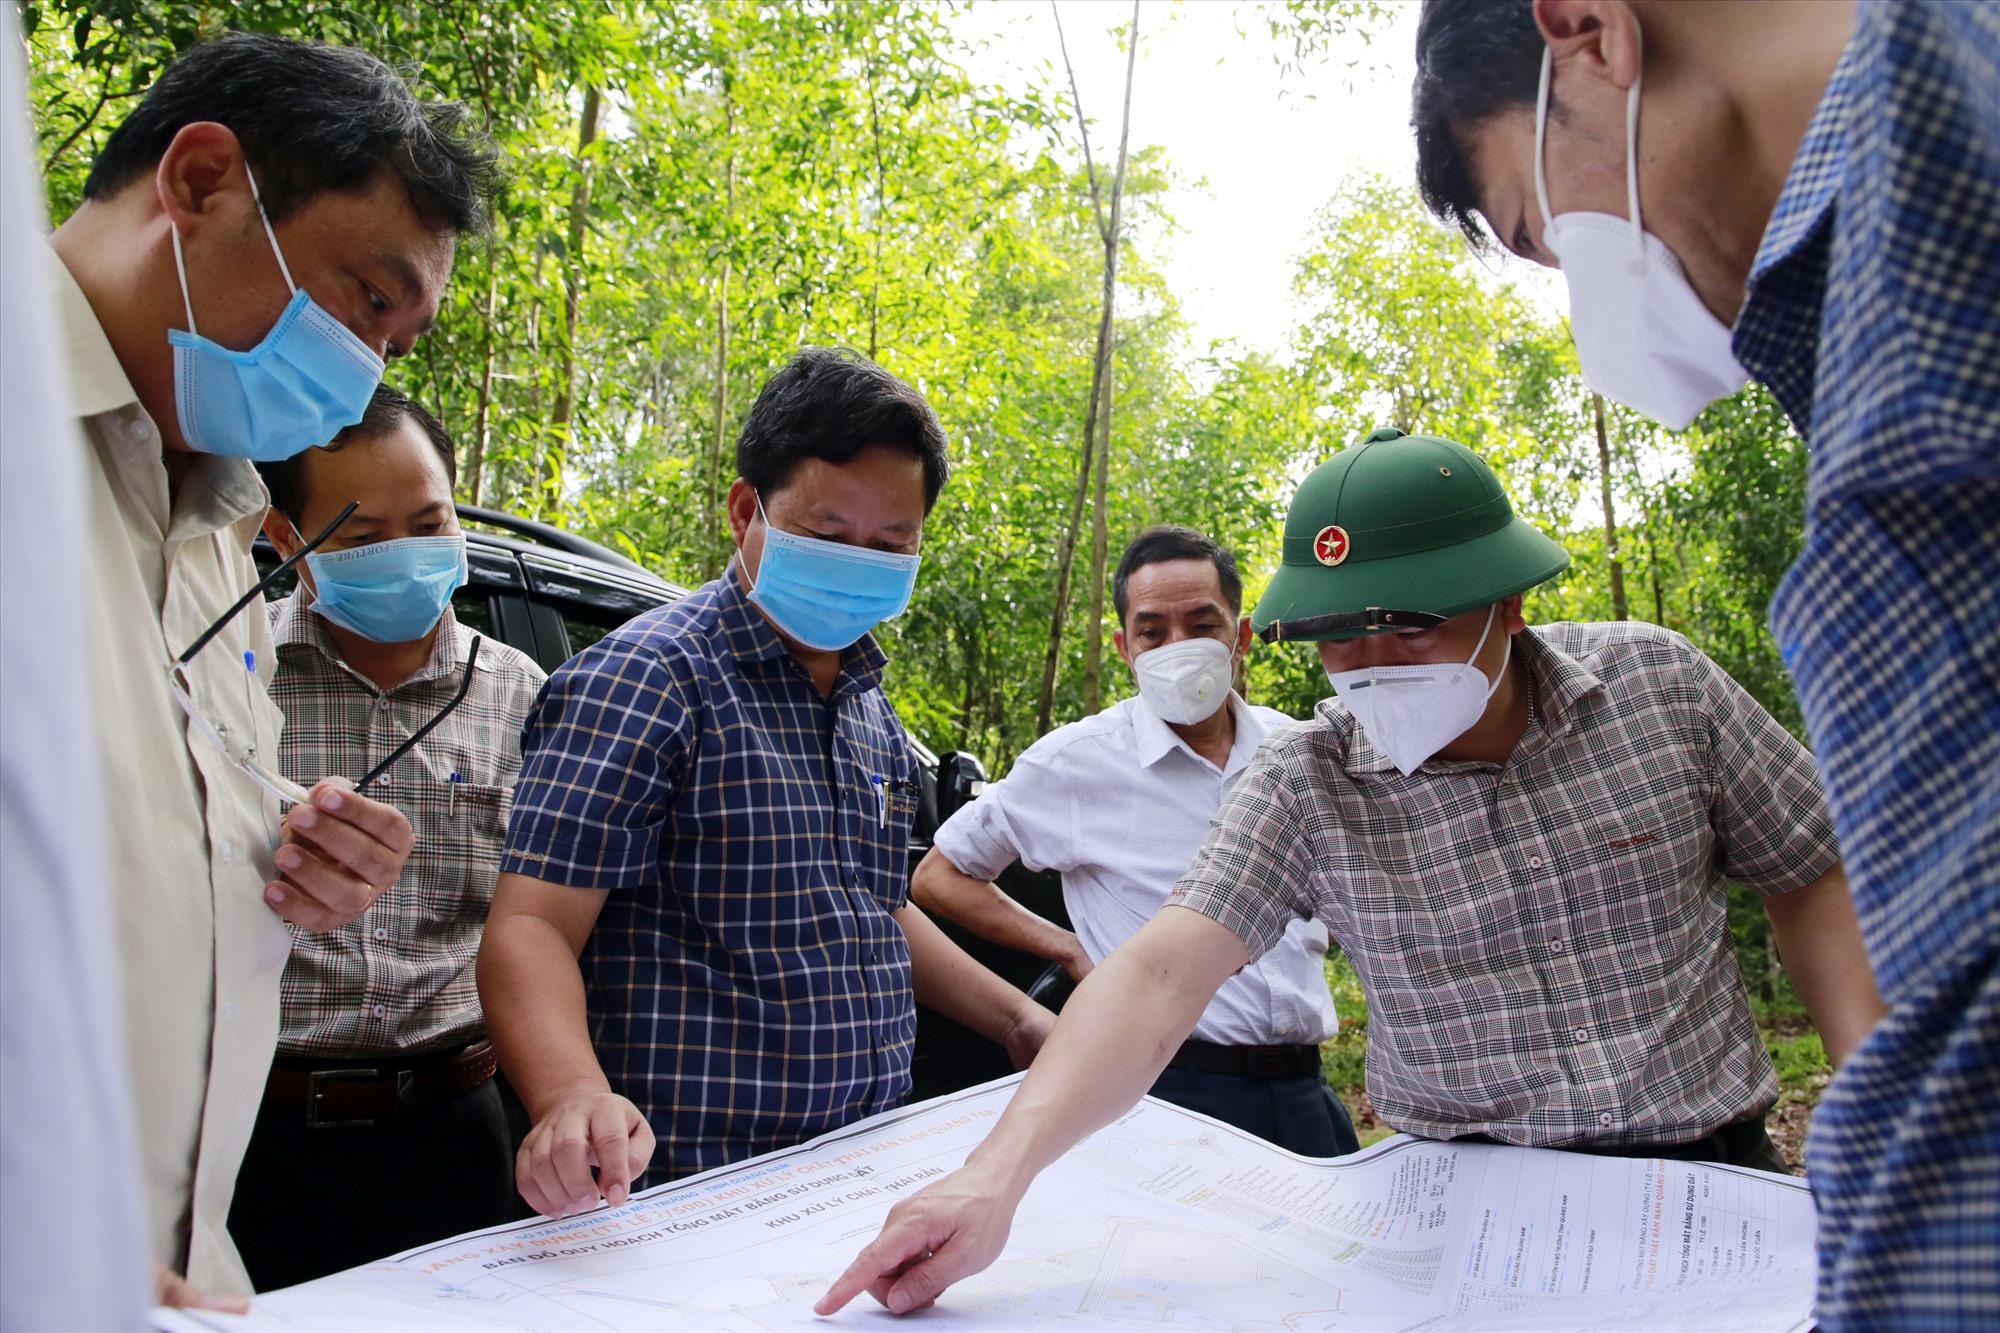 Đồng chí Trần Văn Tân kiểm tra thực địa tại điểm quy hoạch khu xử lý chất thải rắn Nam Quảng Nam.